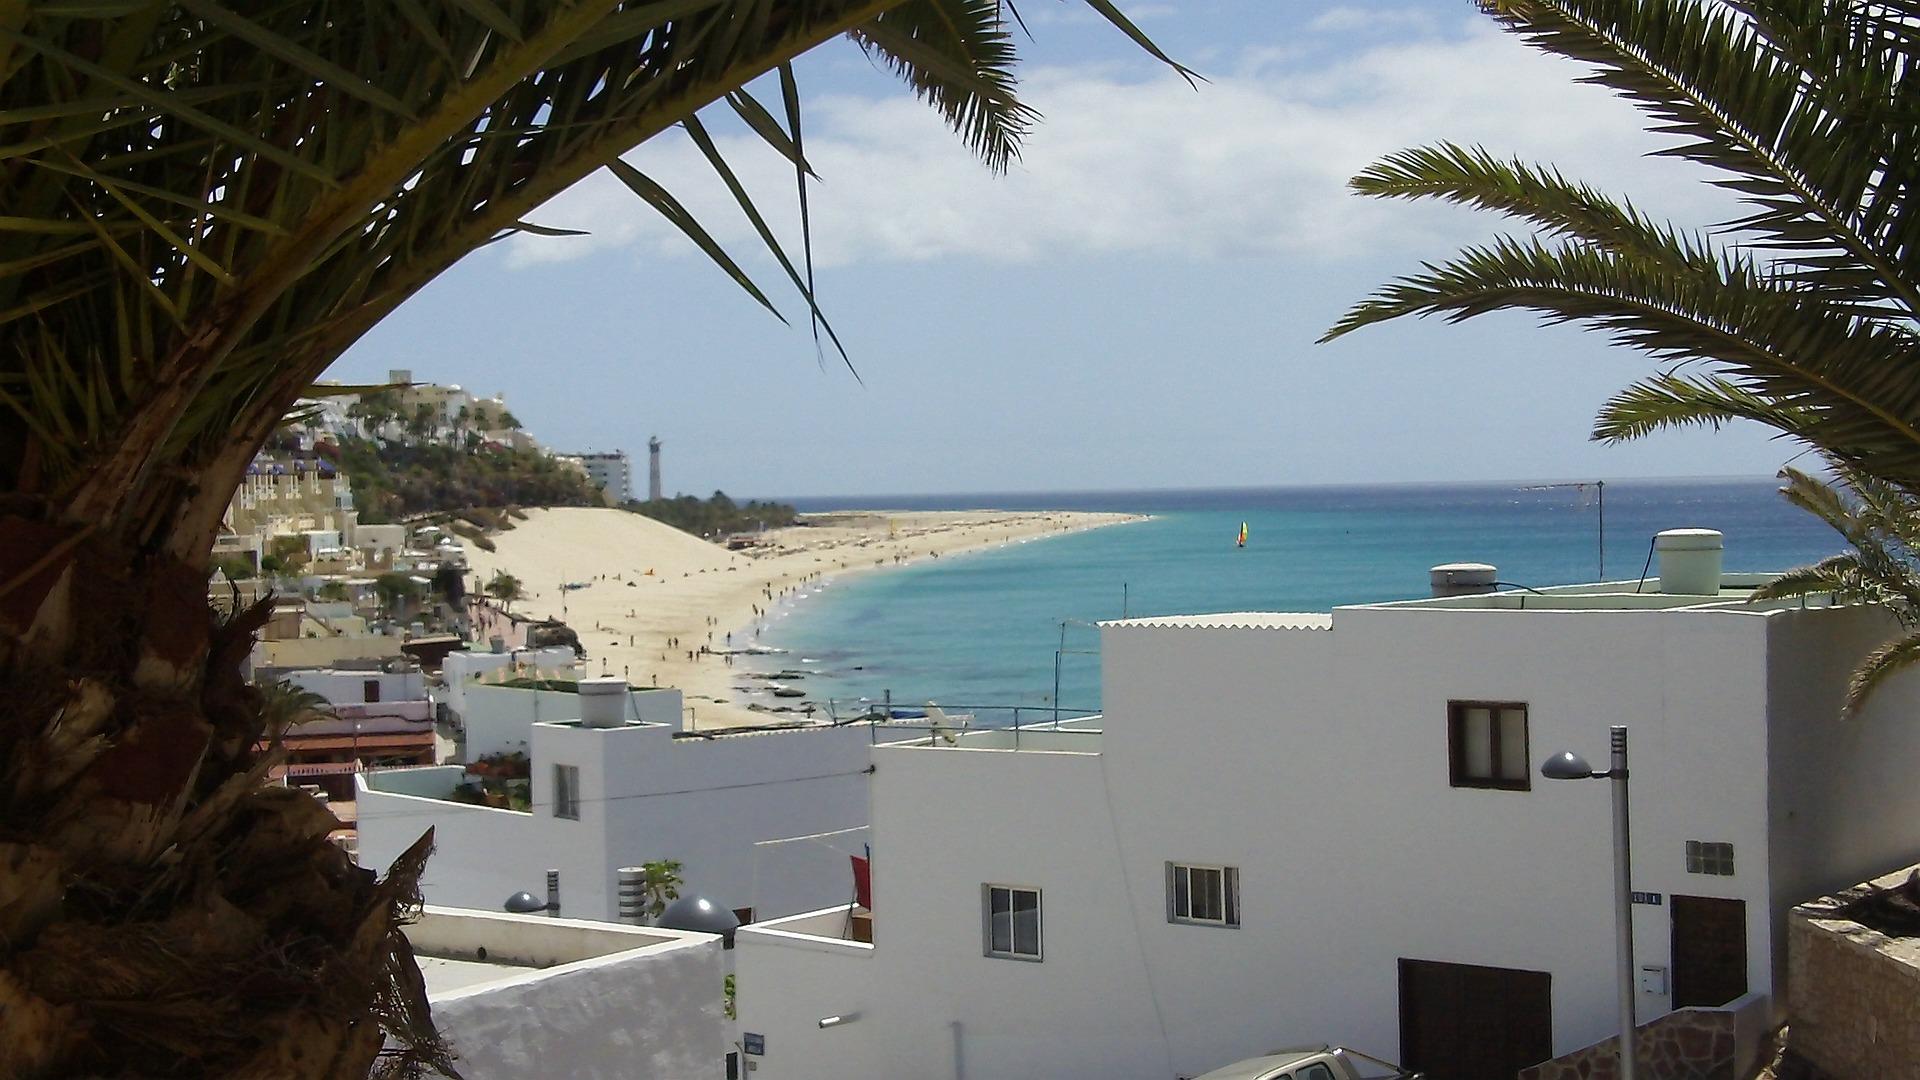 fuerteventura-106451_1920.jpg